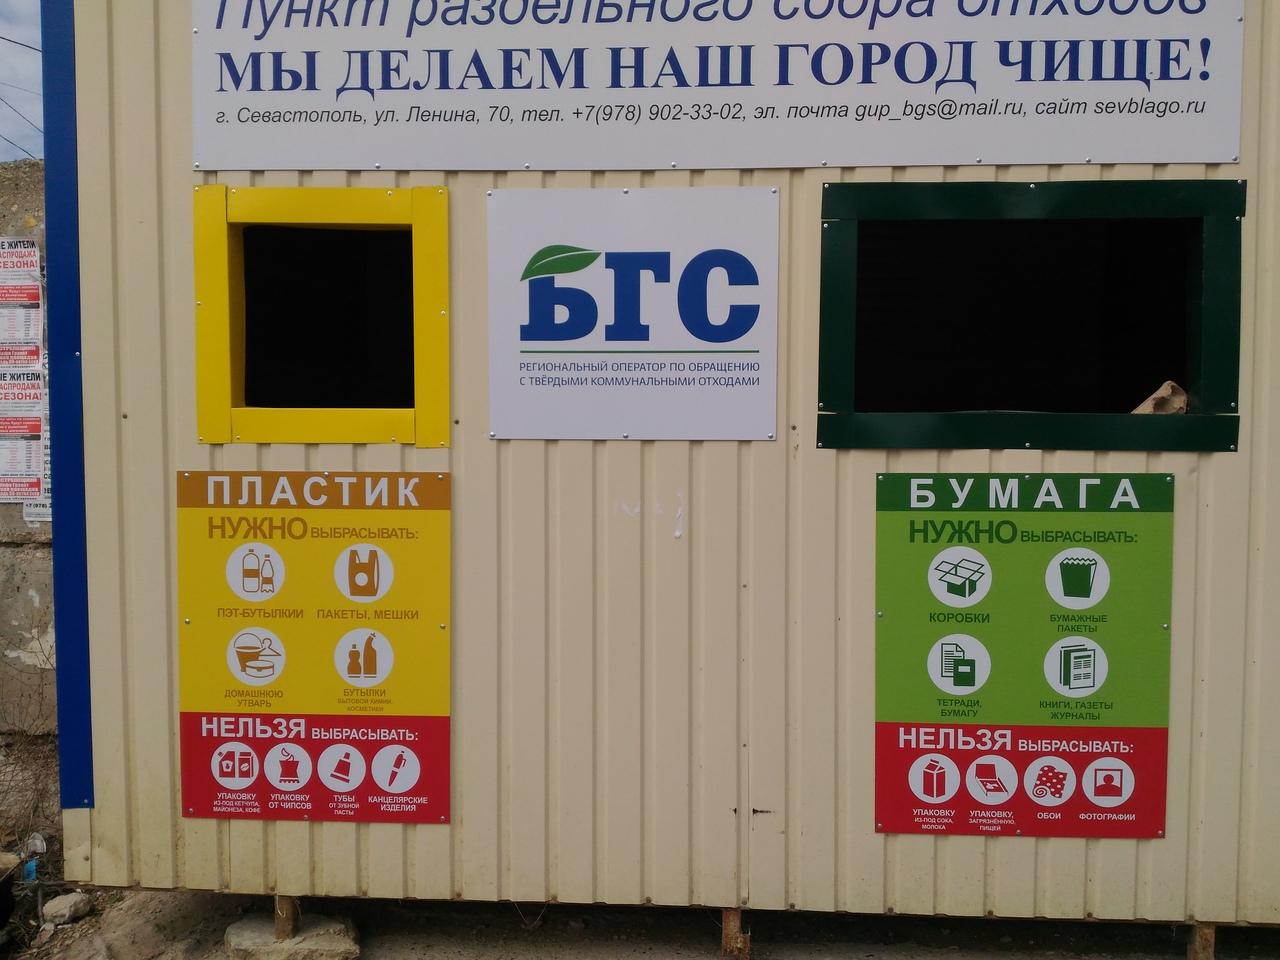 В Севастополе установили контейнеры для раздельного сбора мусора